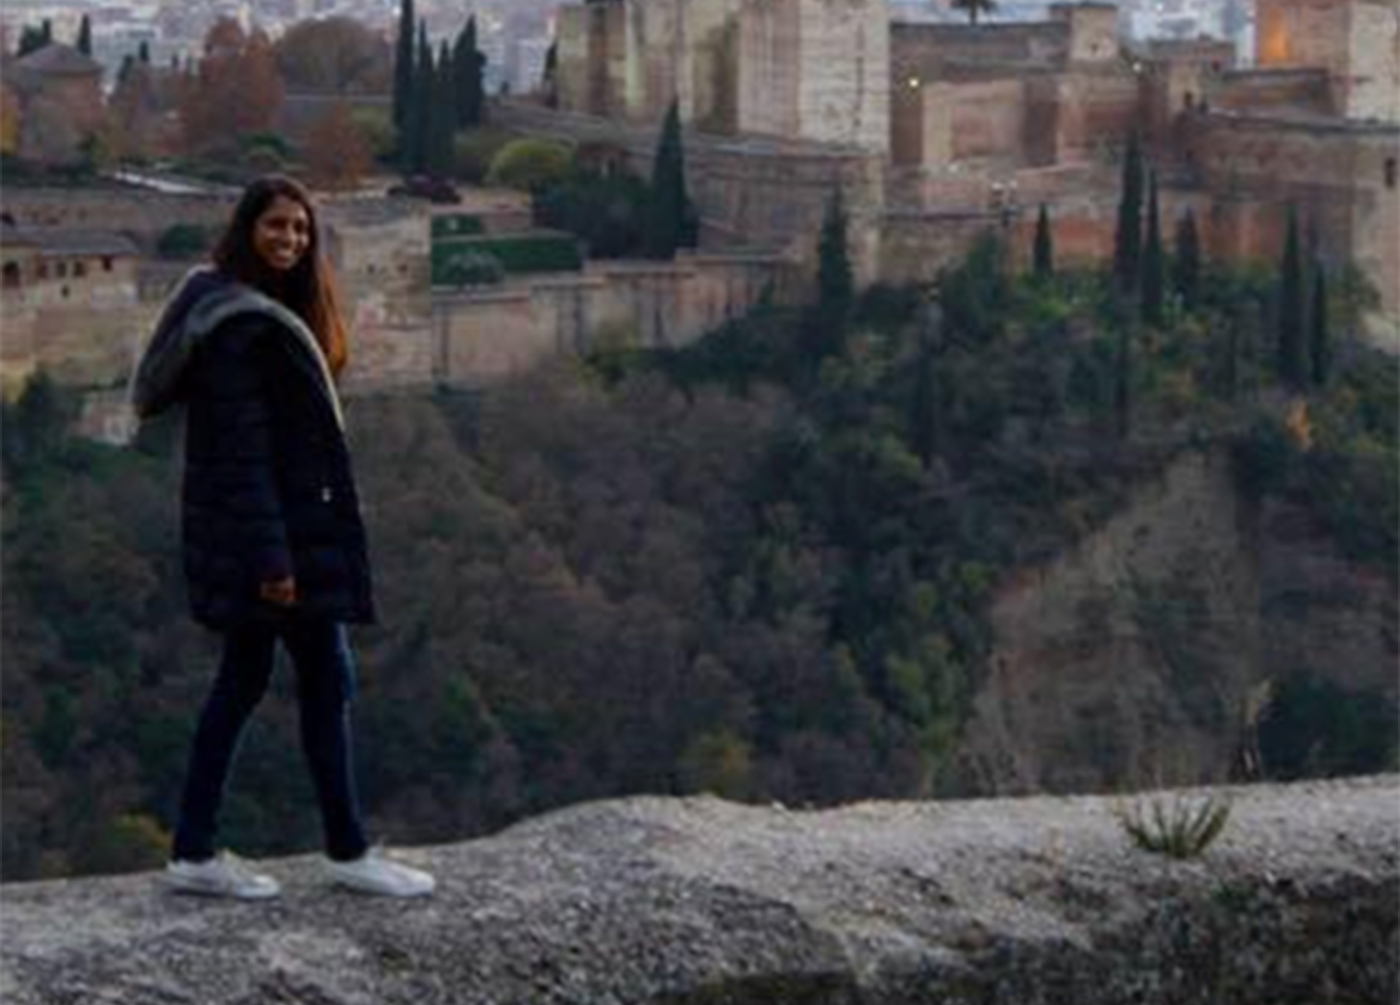 Khadija Hassanali